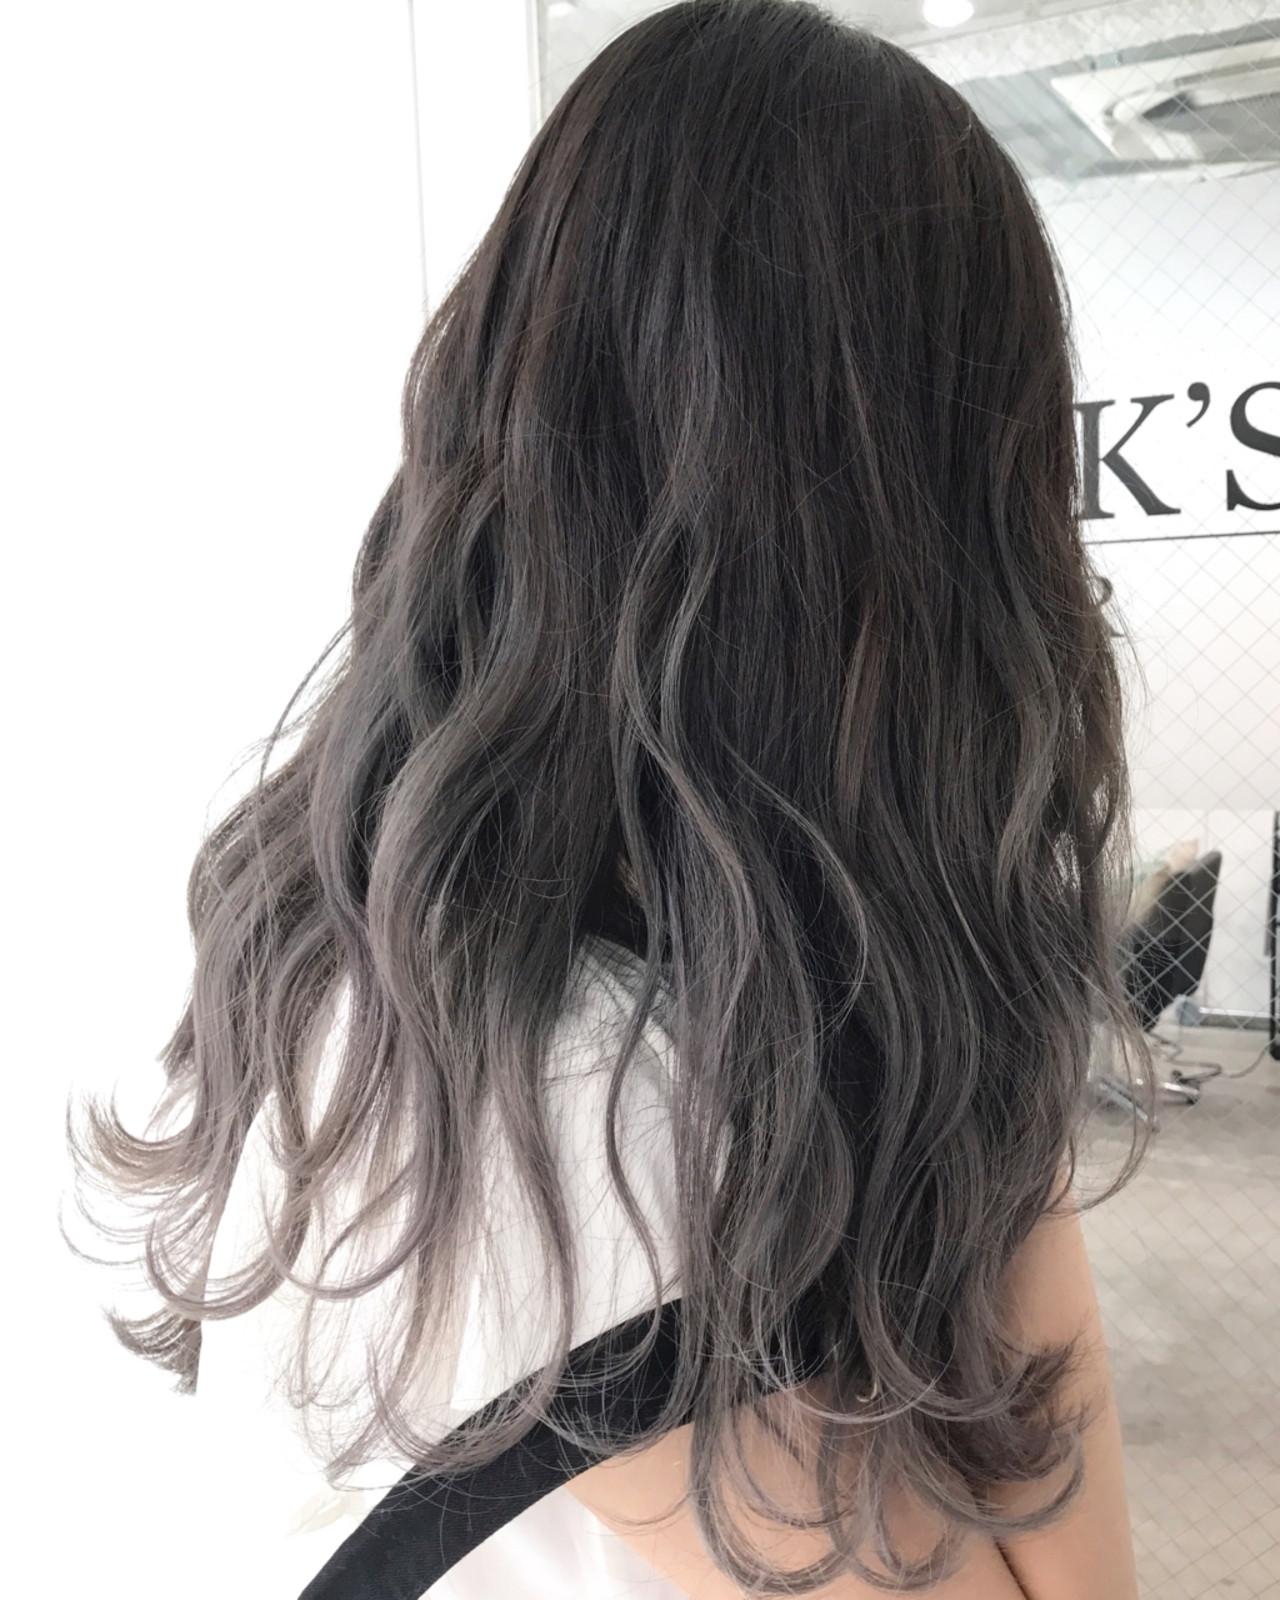 ロング 簡単ヘアアレンジ 夏 ヘアアレンジ ヘアスタイルや髪型の写真・画像 | 寺坂 雄飛 / banks hair